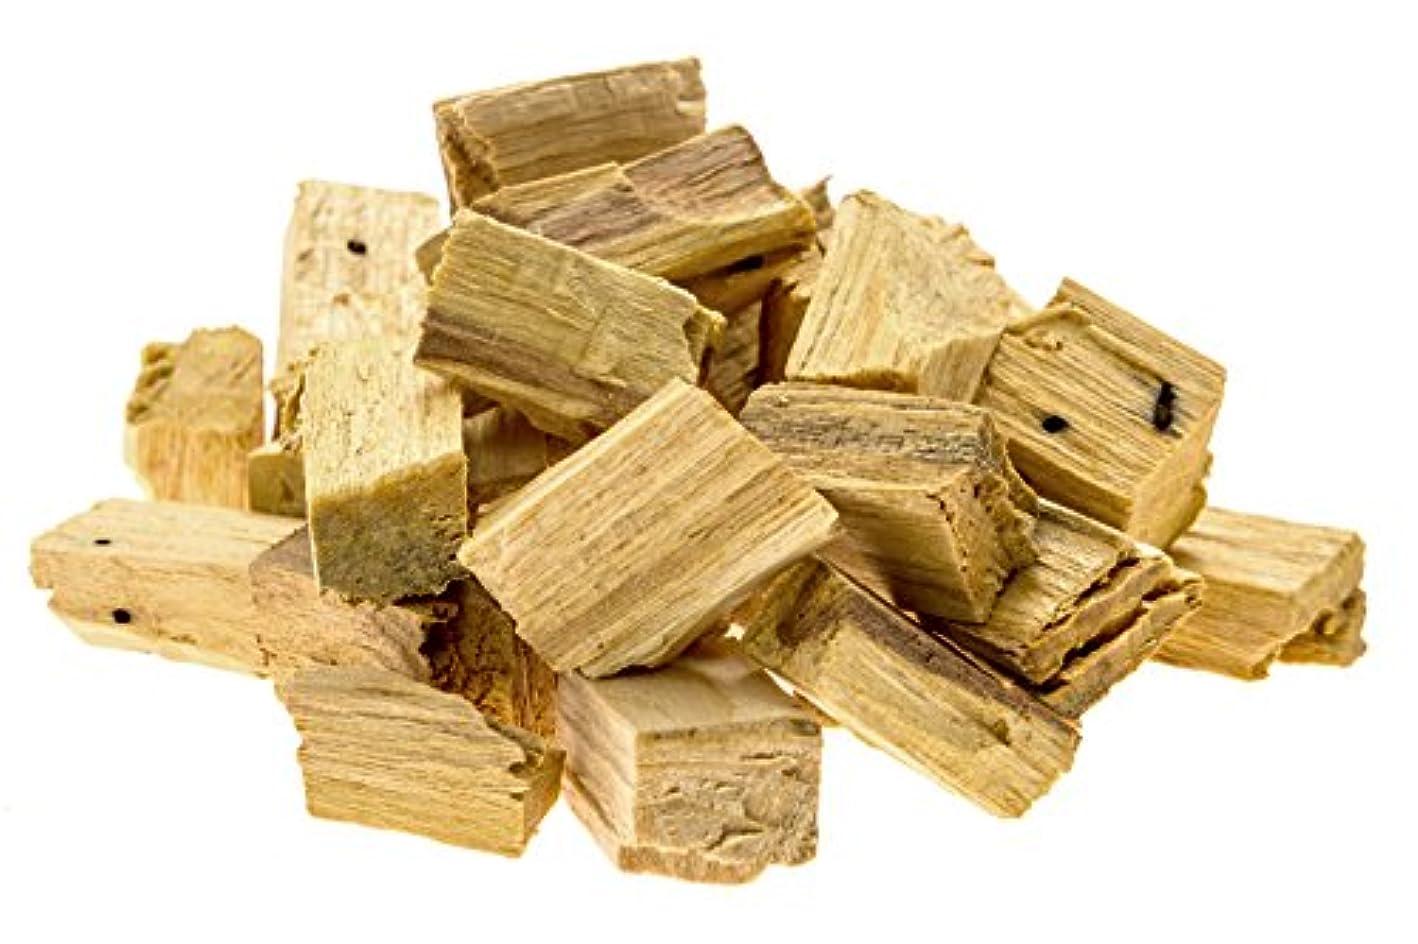 妨げる感度水族館プレミアムPalo Santo Holy Wood Incenseチップ、for purifying、クレンジング、ヒーリング、瞑想、Stress Relief。100 %自然と持続可能な、野生の収穫。( 1oz )